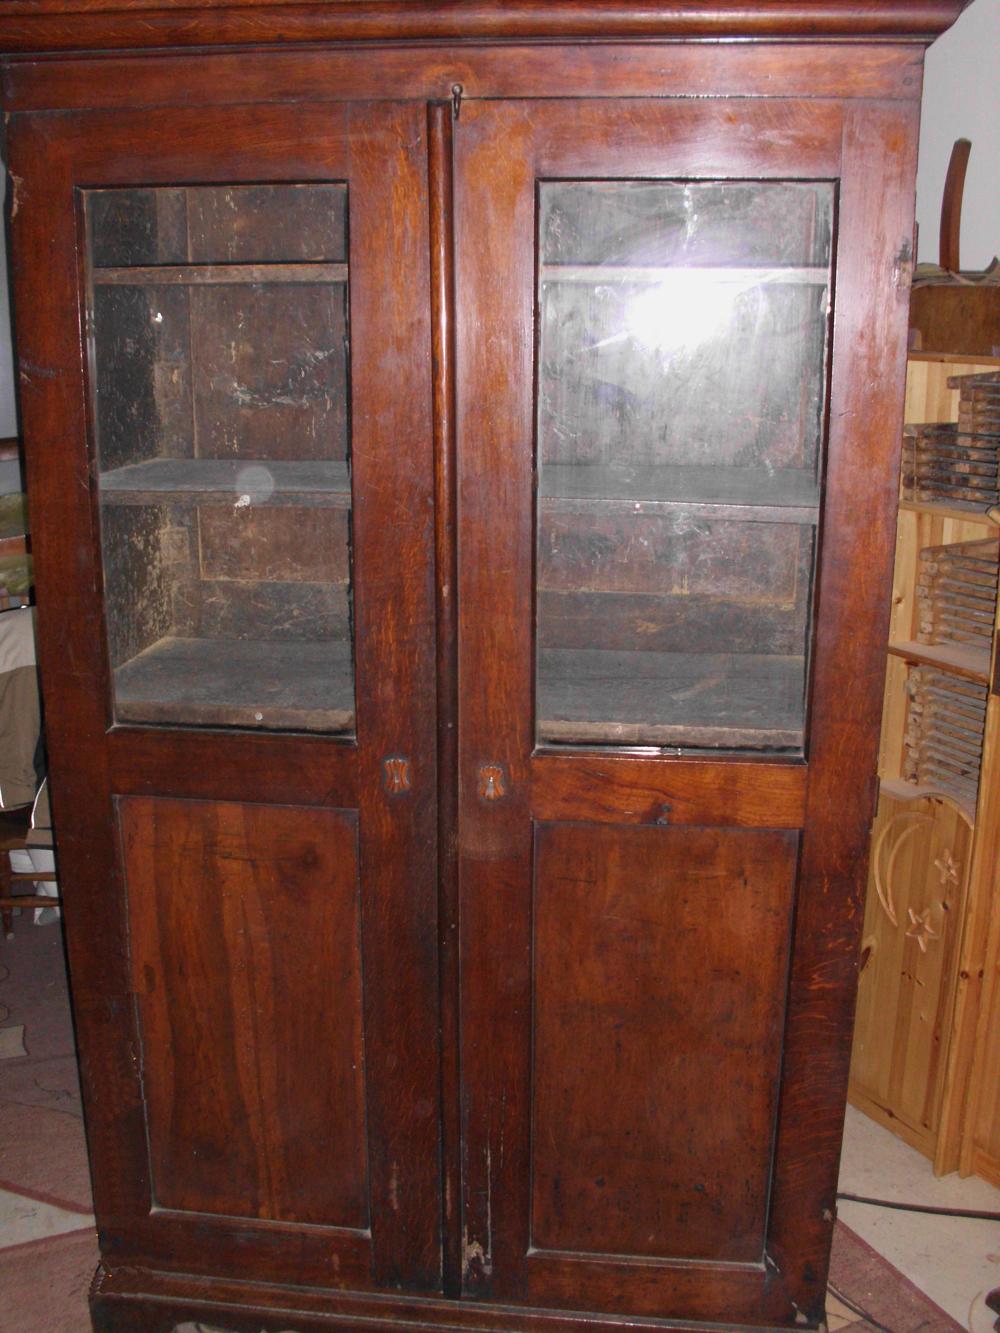 Tischlerei Werkstatt Für Restauration Aufbereitung Antiker Möbel